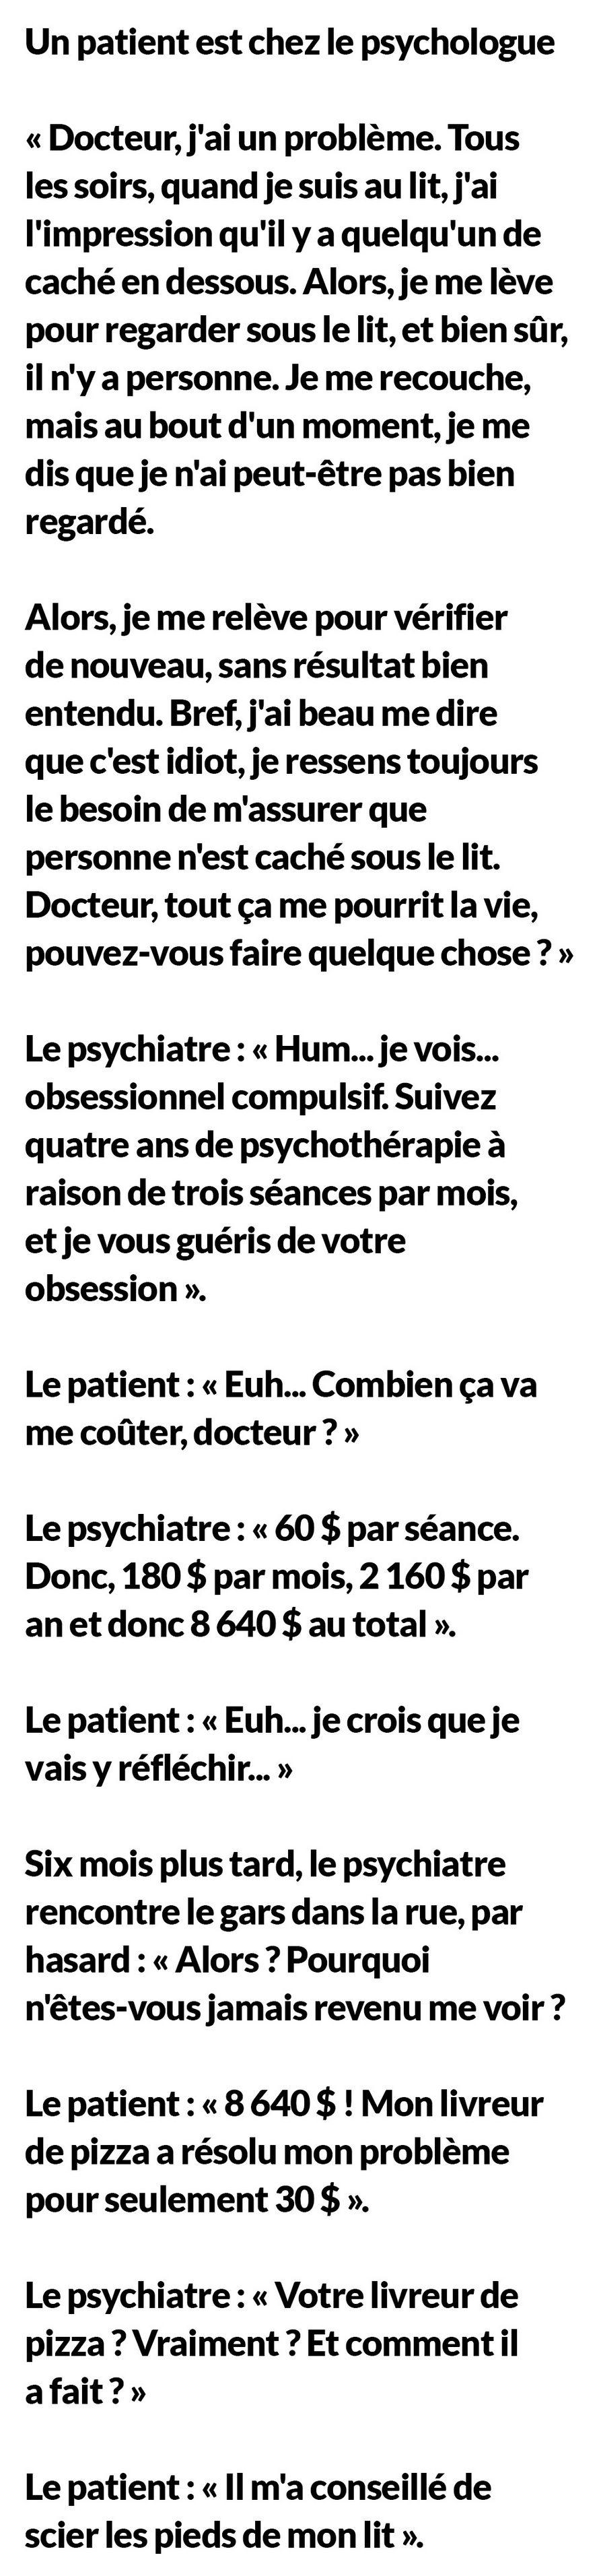 Un patient est chez le psychologue